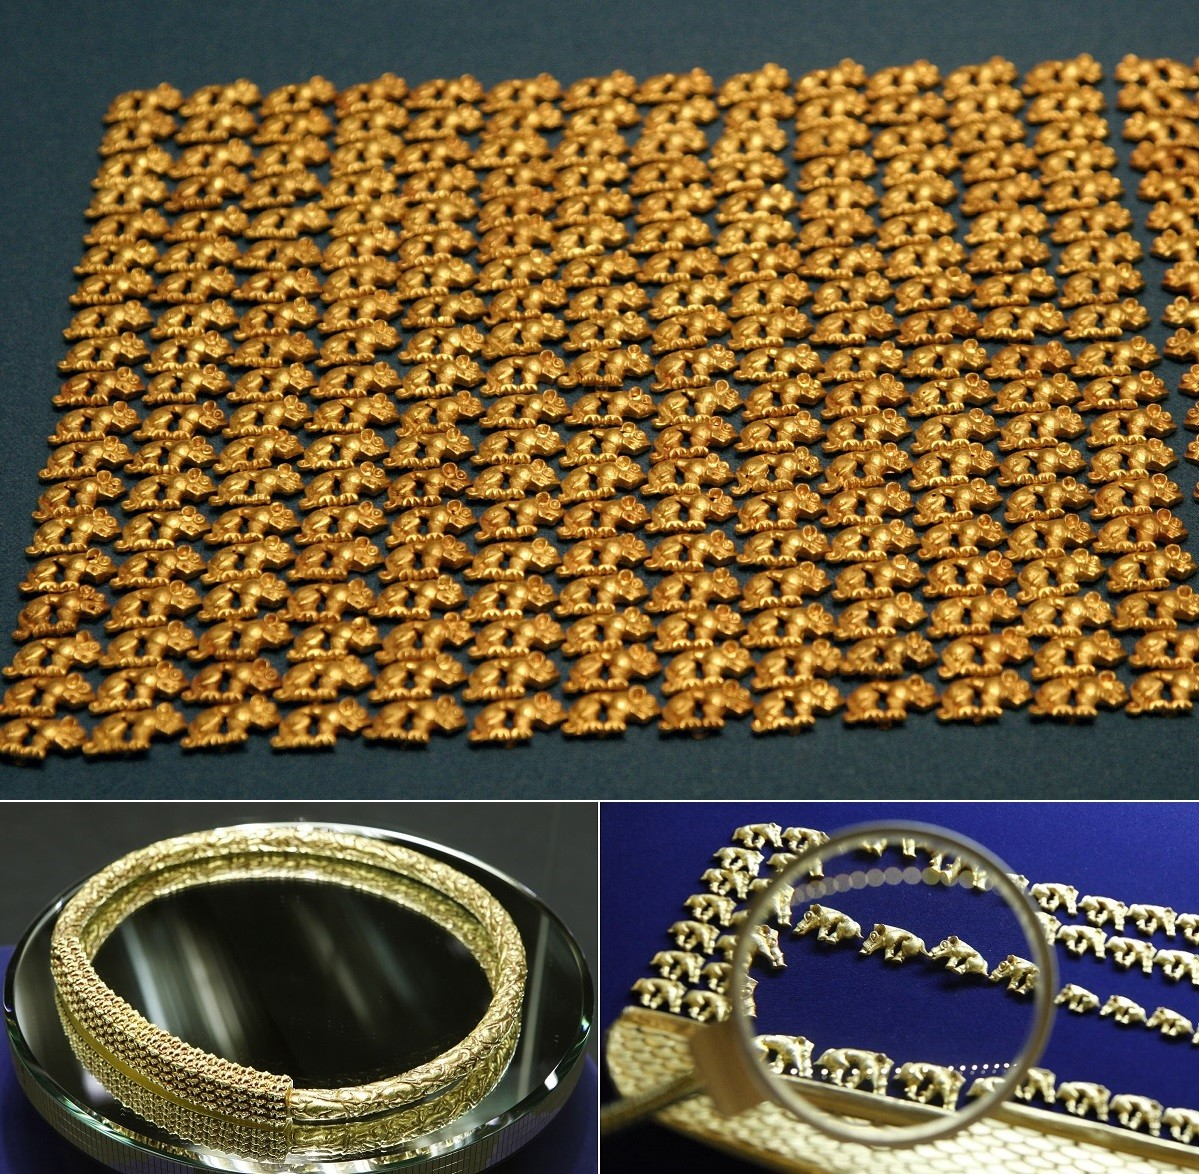 Y sont également jalousement gardés d'inestimables trésors : des artefacts scythes découverts dans la « Vallée des tsars », site archéologique majeur du Touva. Ces bijoux en or datant d'il y a près de 3 000 ans sont d'un raffinement tel, que leurs techniques de création restent encore incomprises.